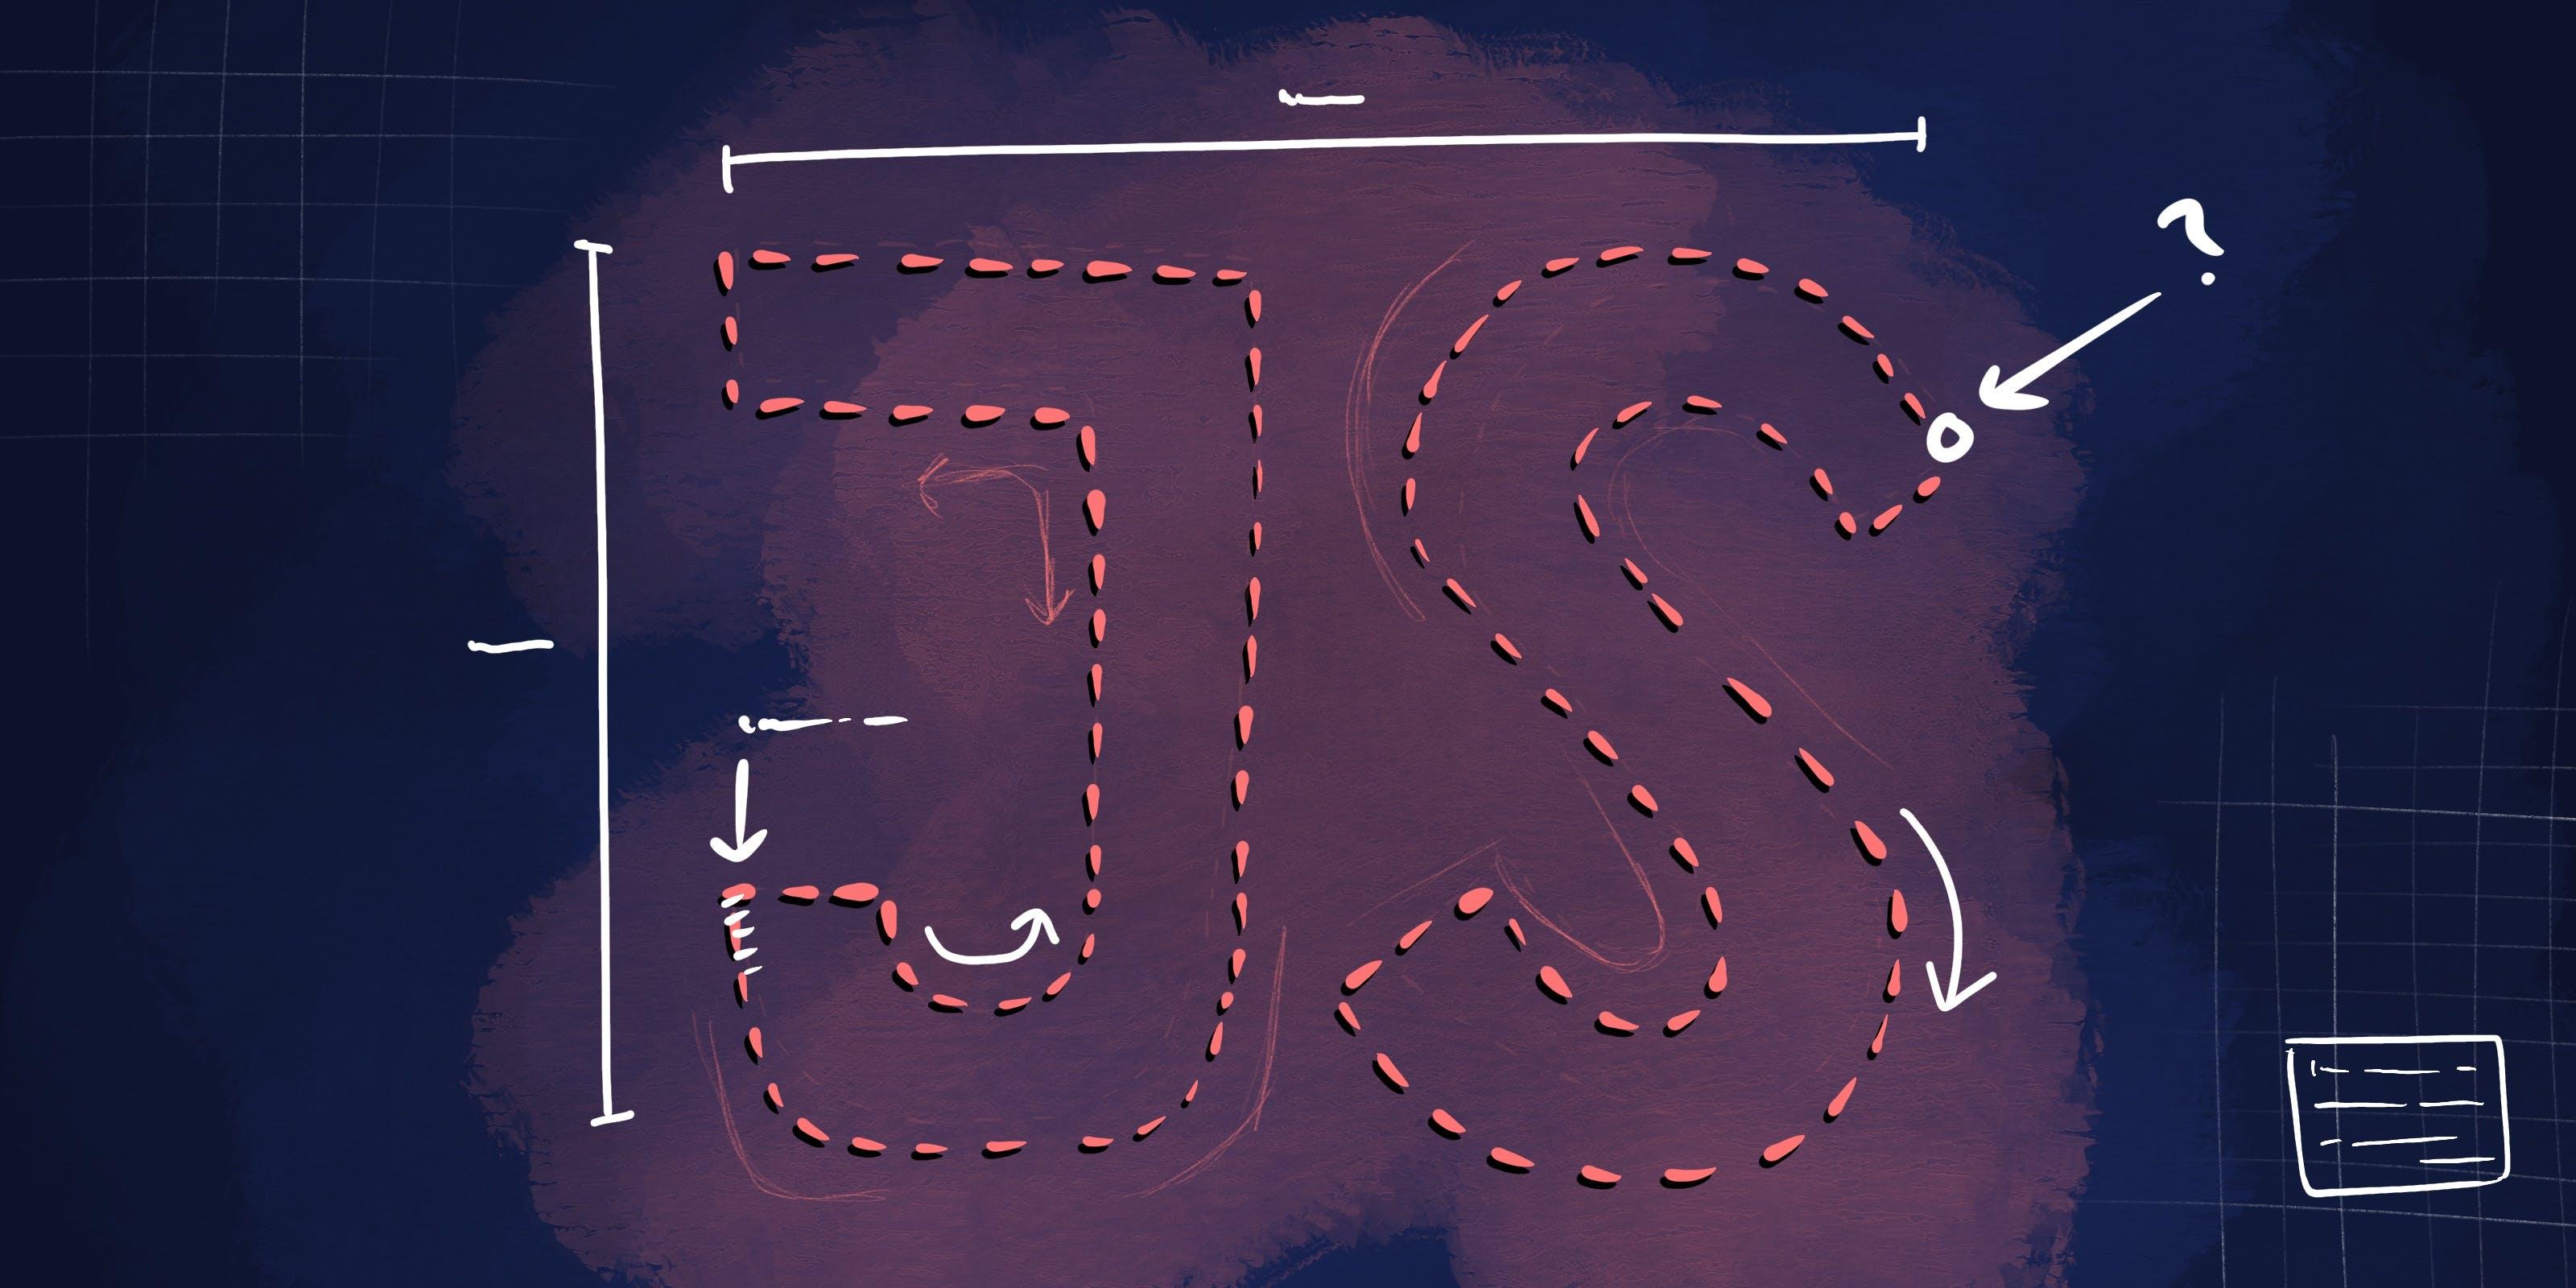 Jak zmieni się JavaScript - przyglądamy się nadchodzącym nowościom cover image